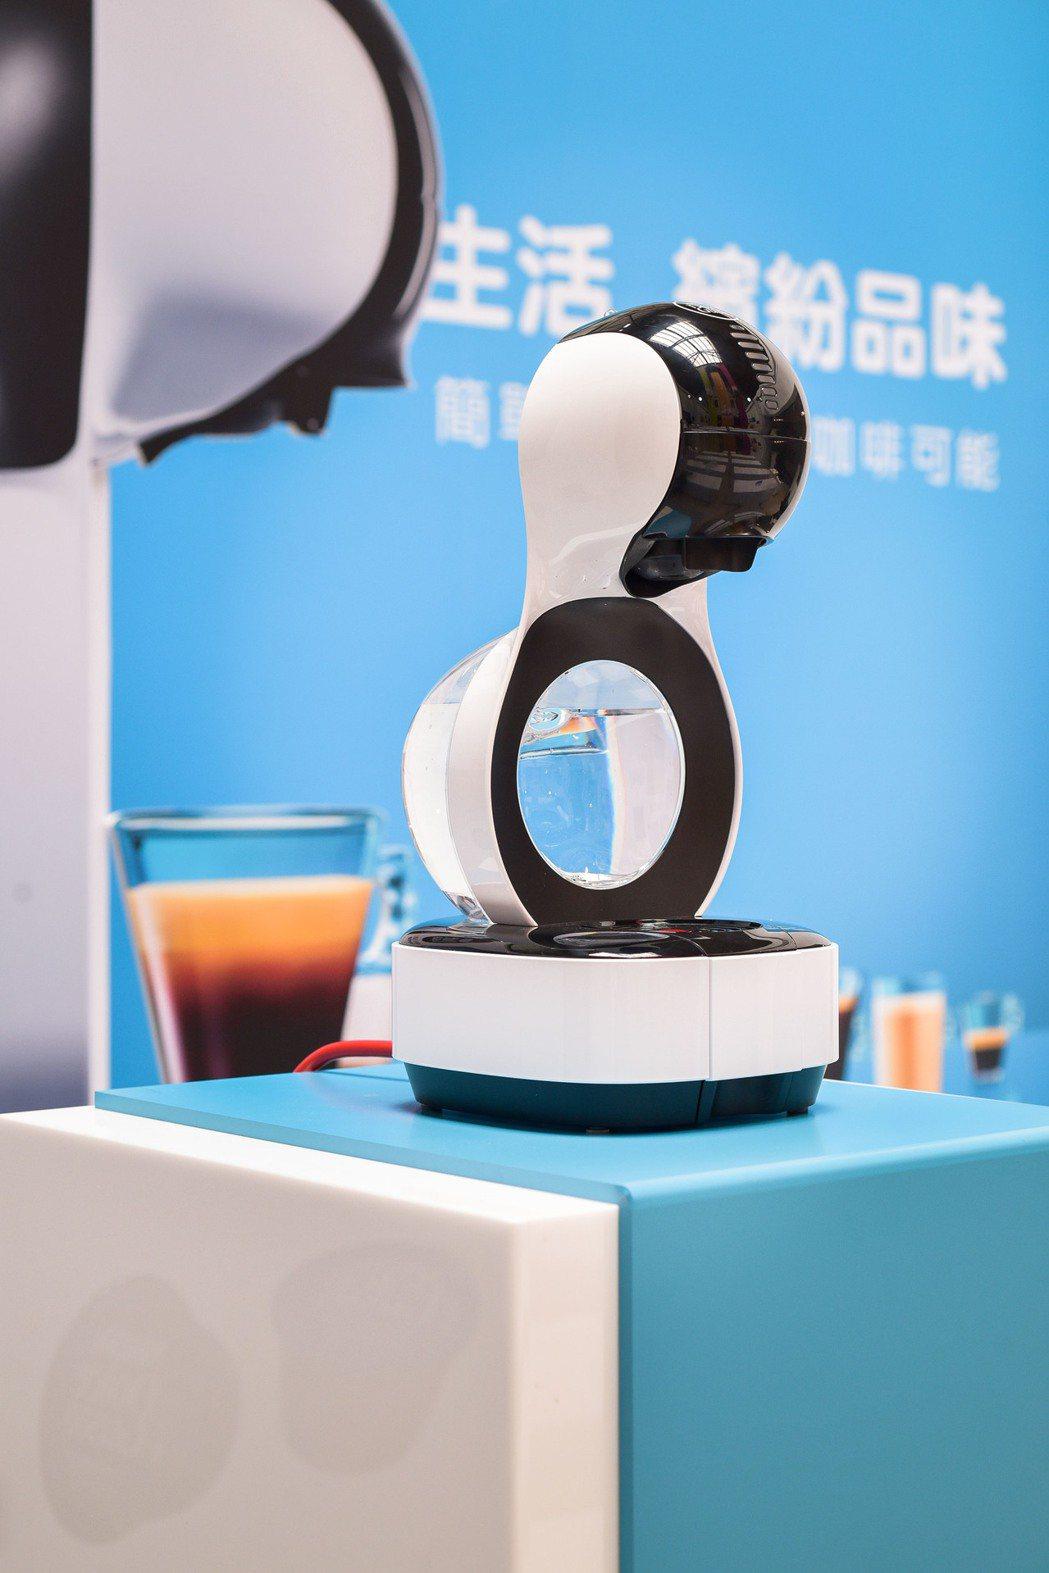 雀巢多趣酷思膠囊咖啡機Lumio經典升級報到。圖/台灣雀巢提供